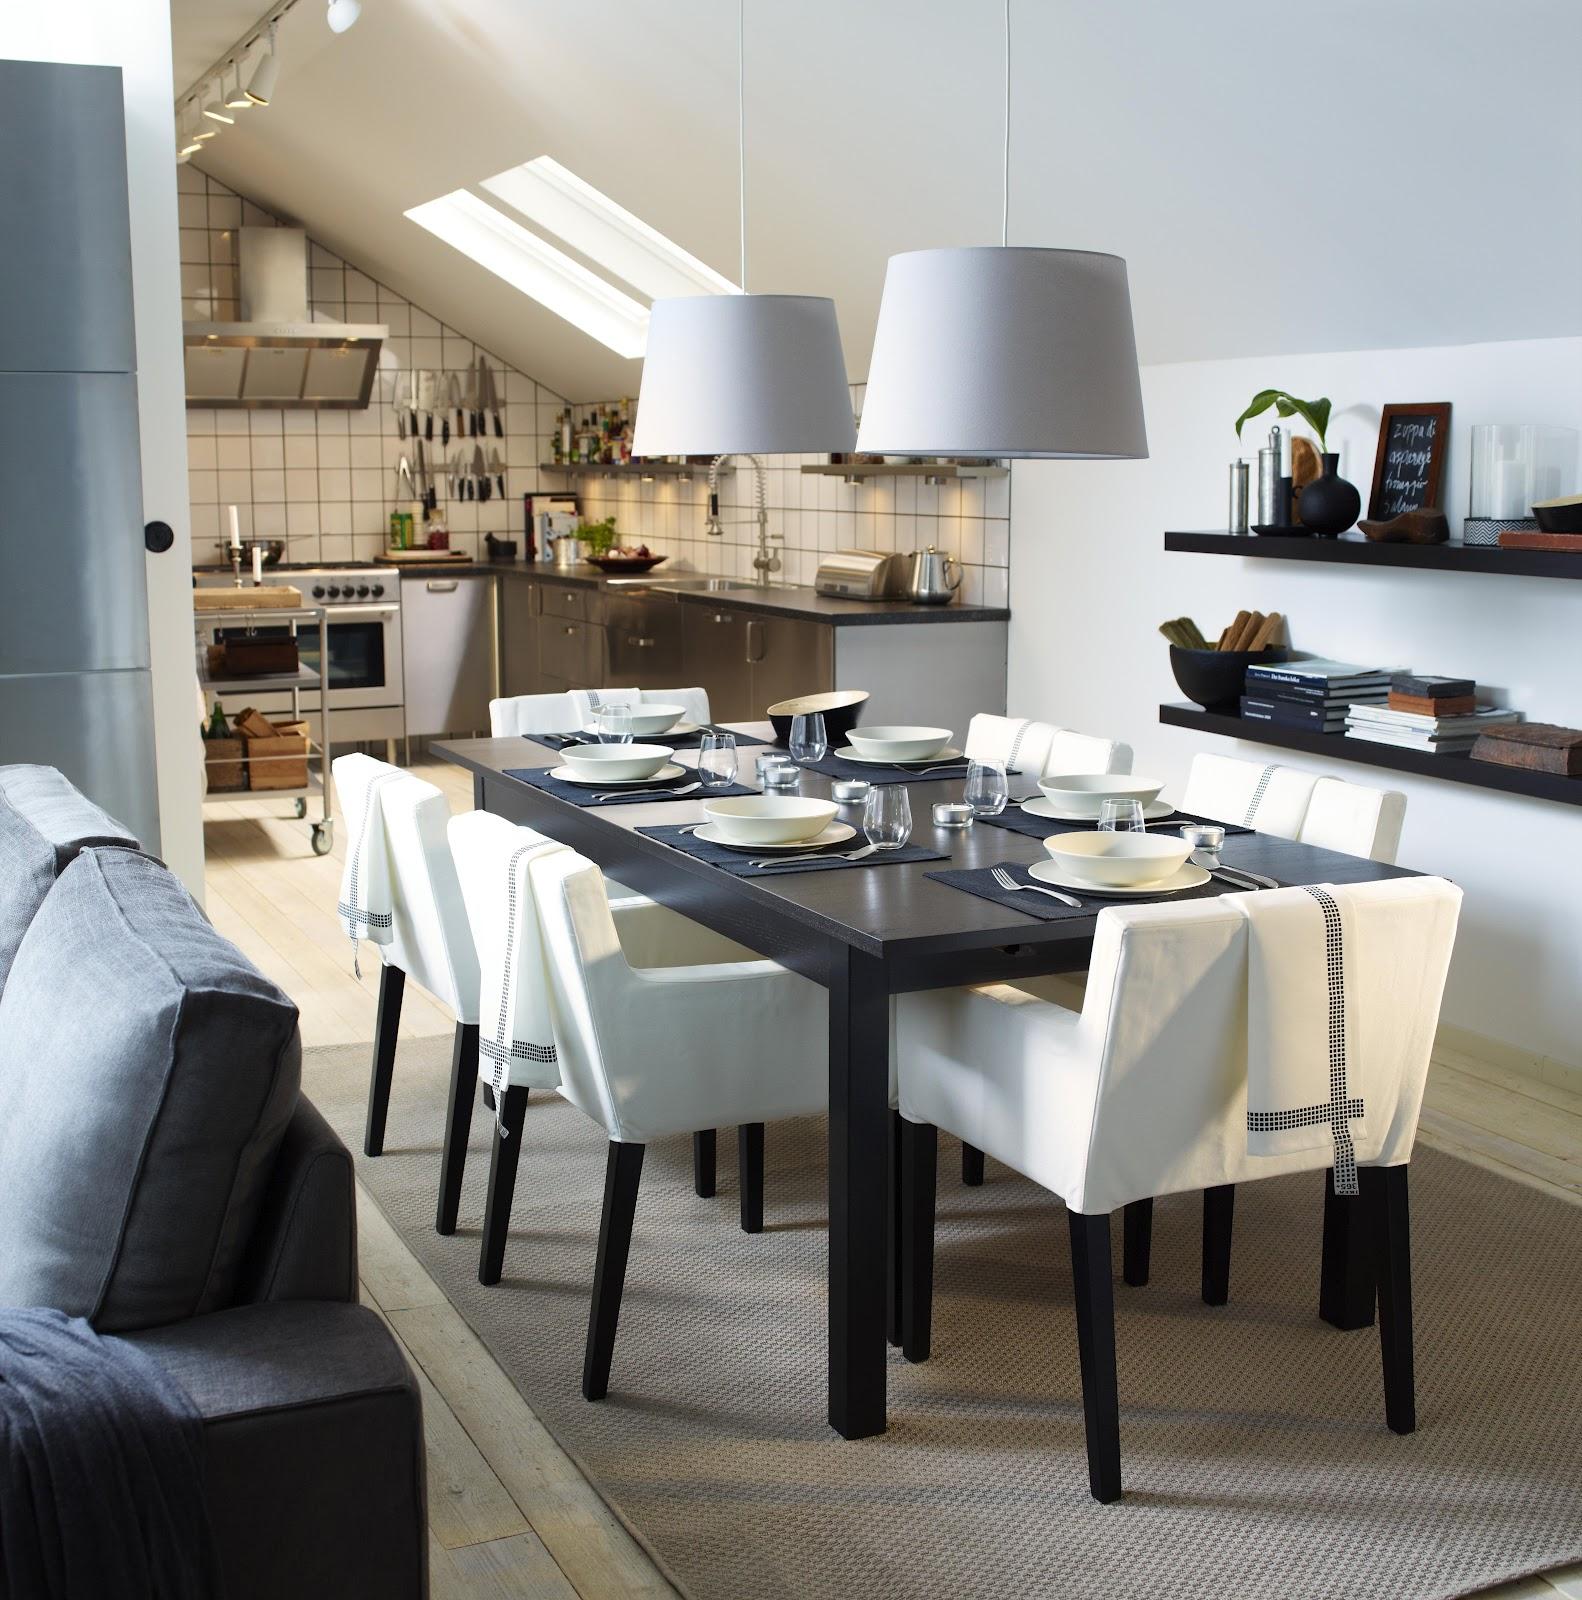 Novedades en el catlogo de IKEA 2013 sube el estilo y